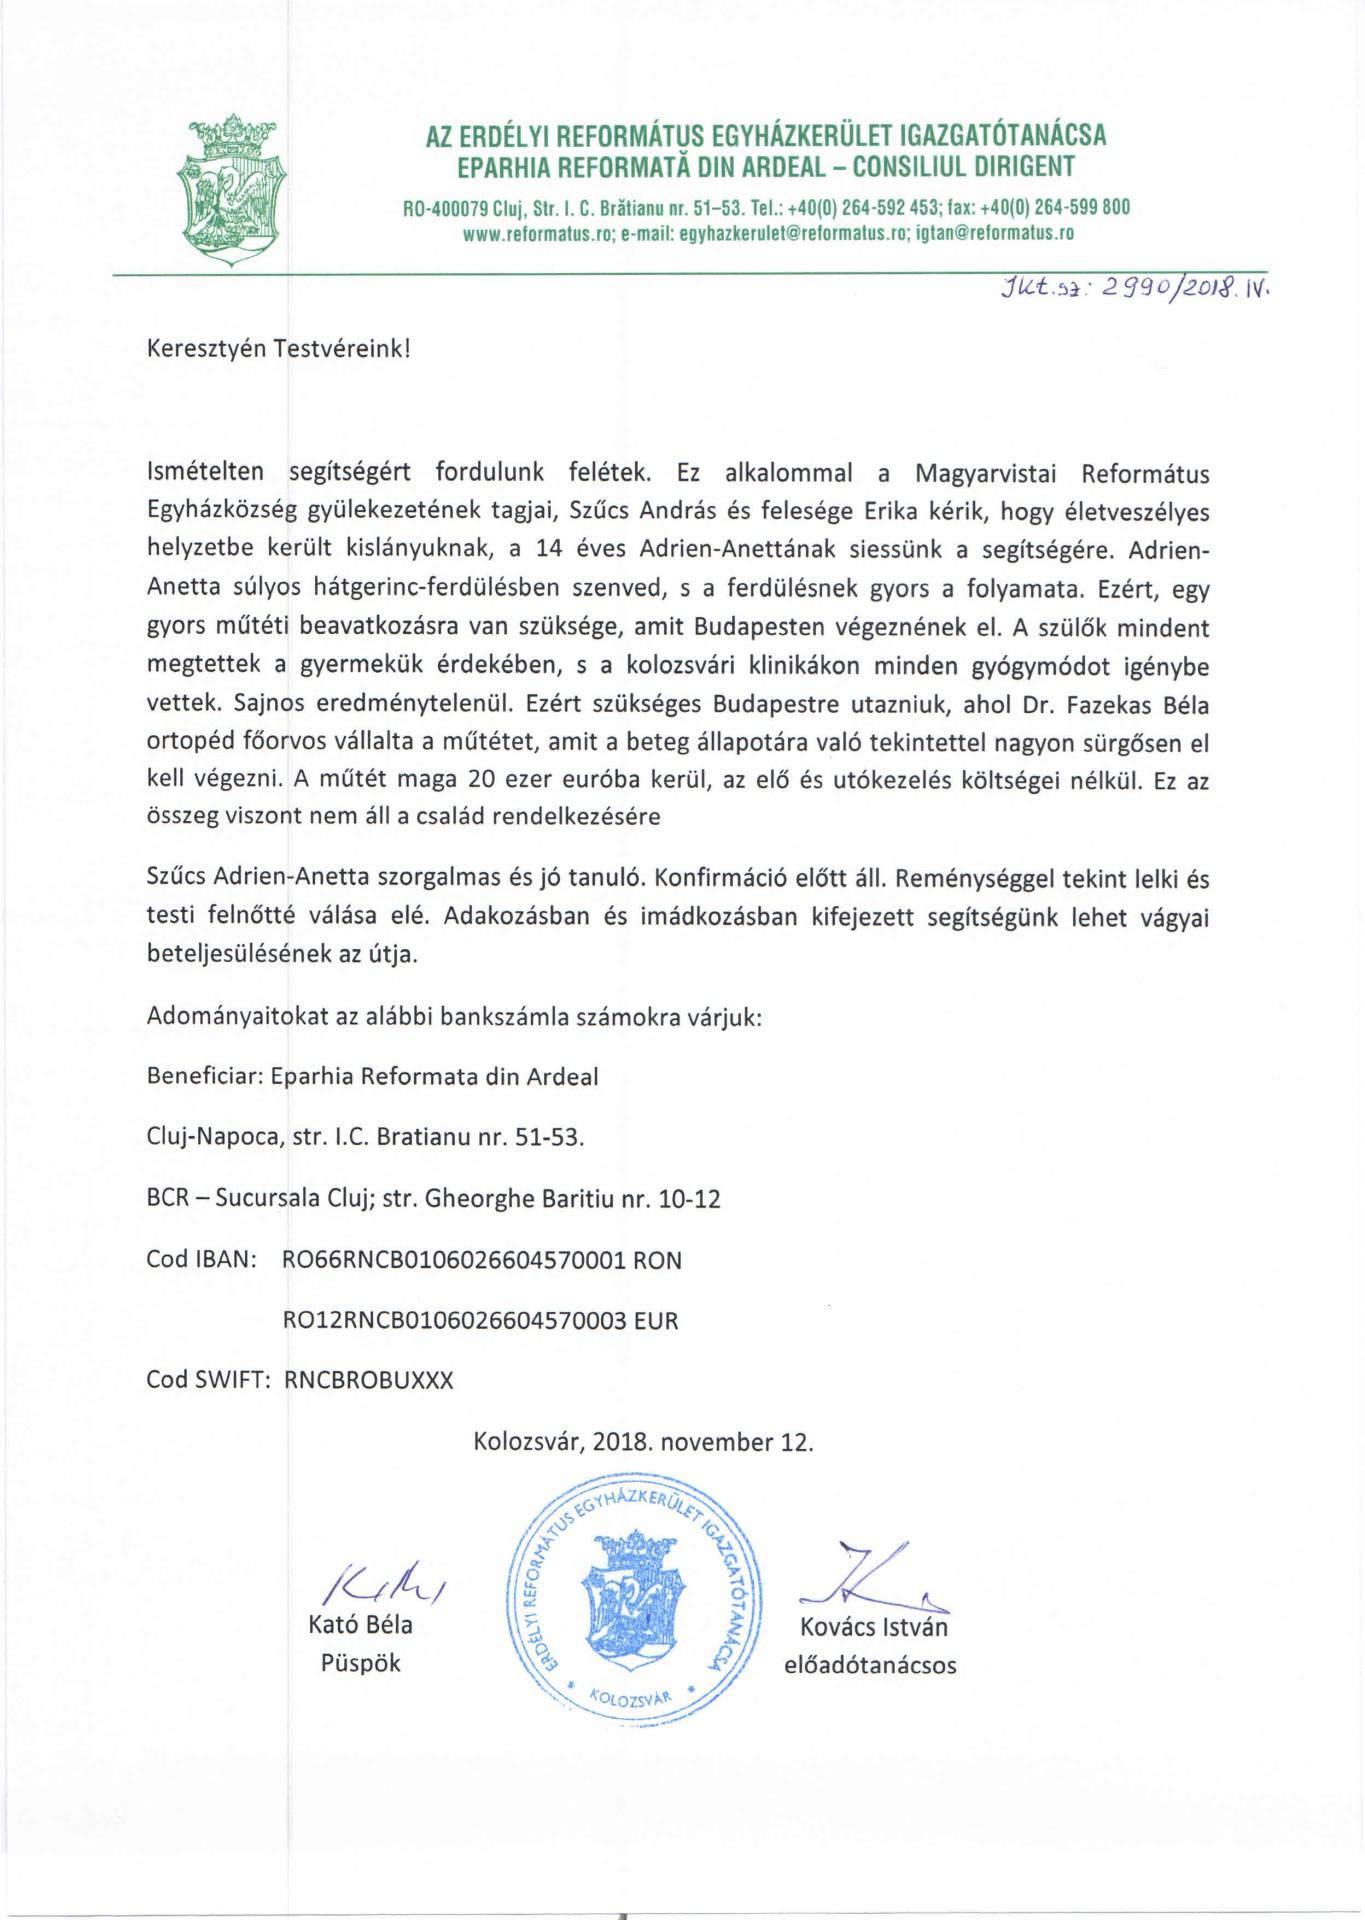 Felhívás - adománygyűjtés Szűcs Adrien-Anetta számára